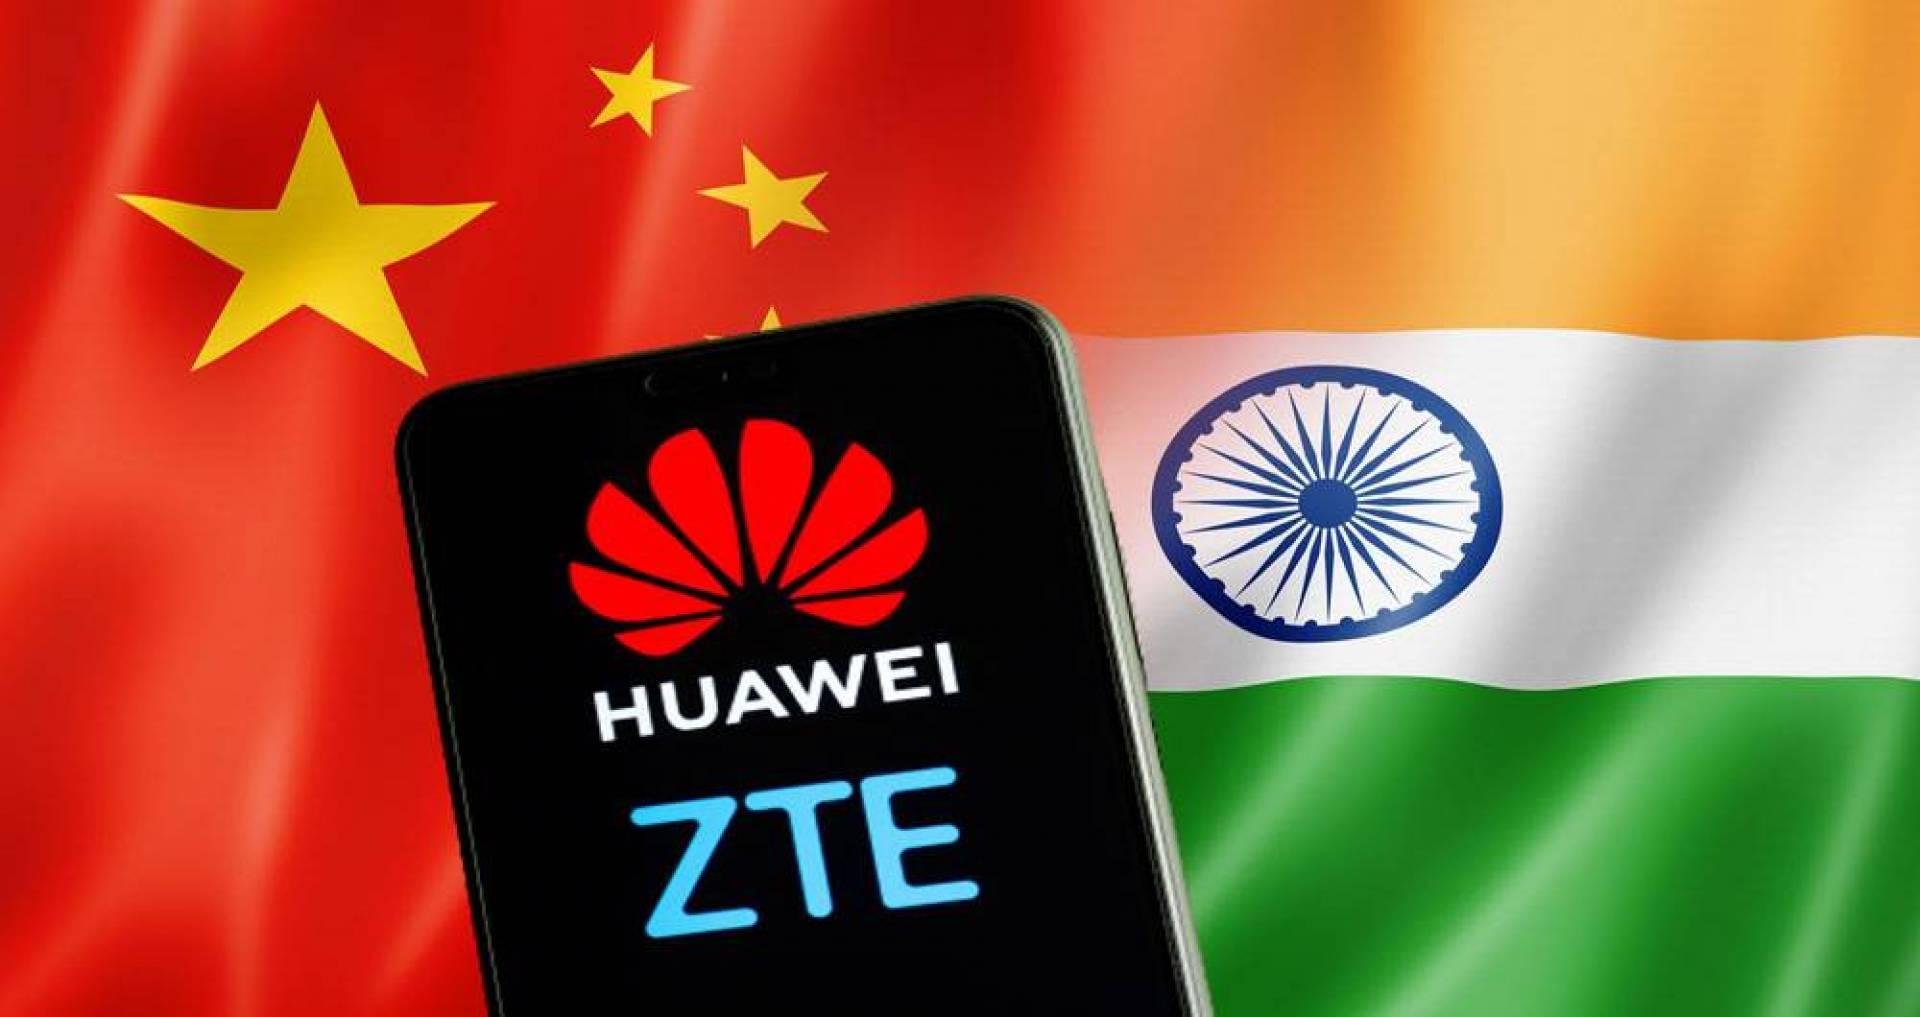 الهند تستبعد «هواوي» و«زد تي آي» من خطط الـ 5G